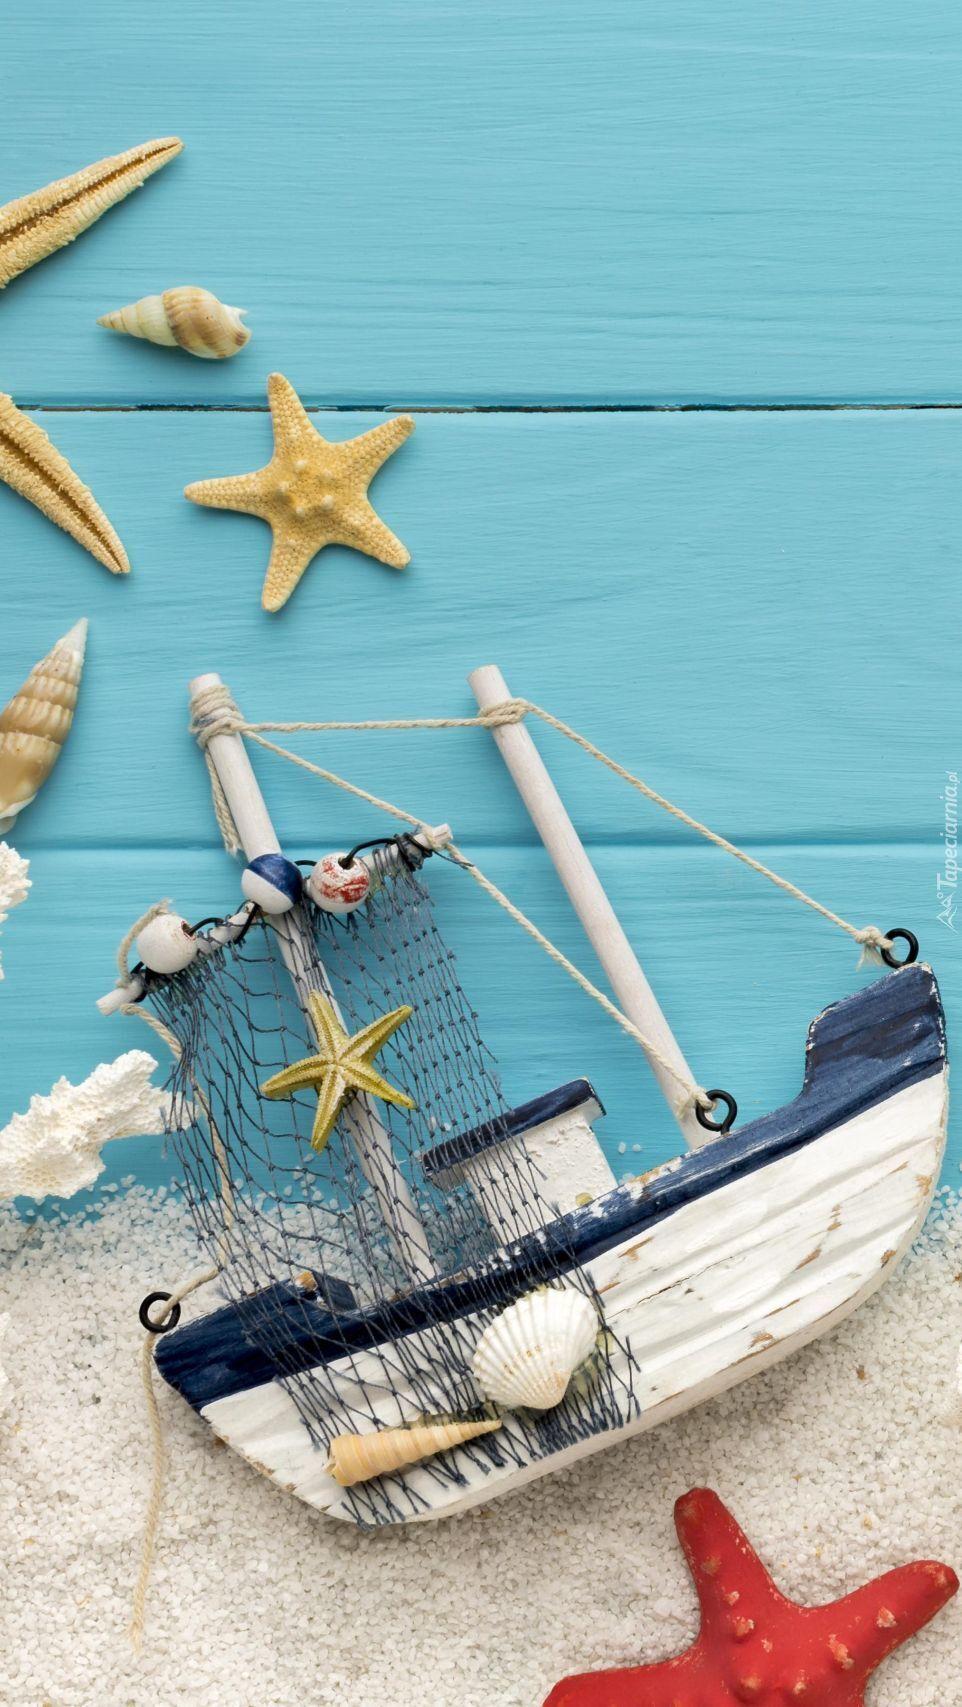 Statek obok rozgwiazdy na piasku